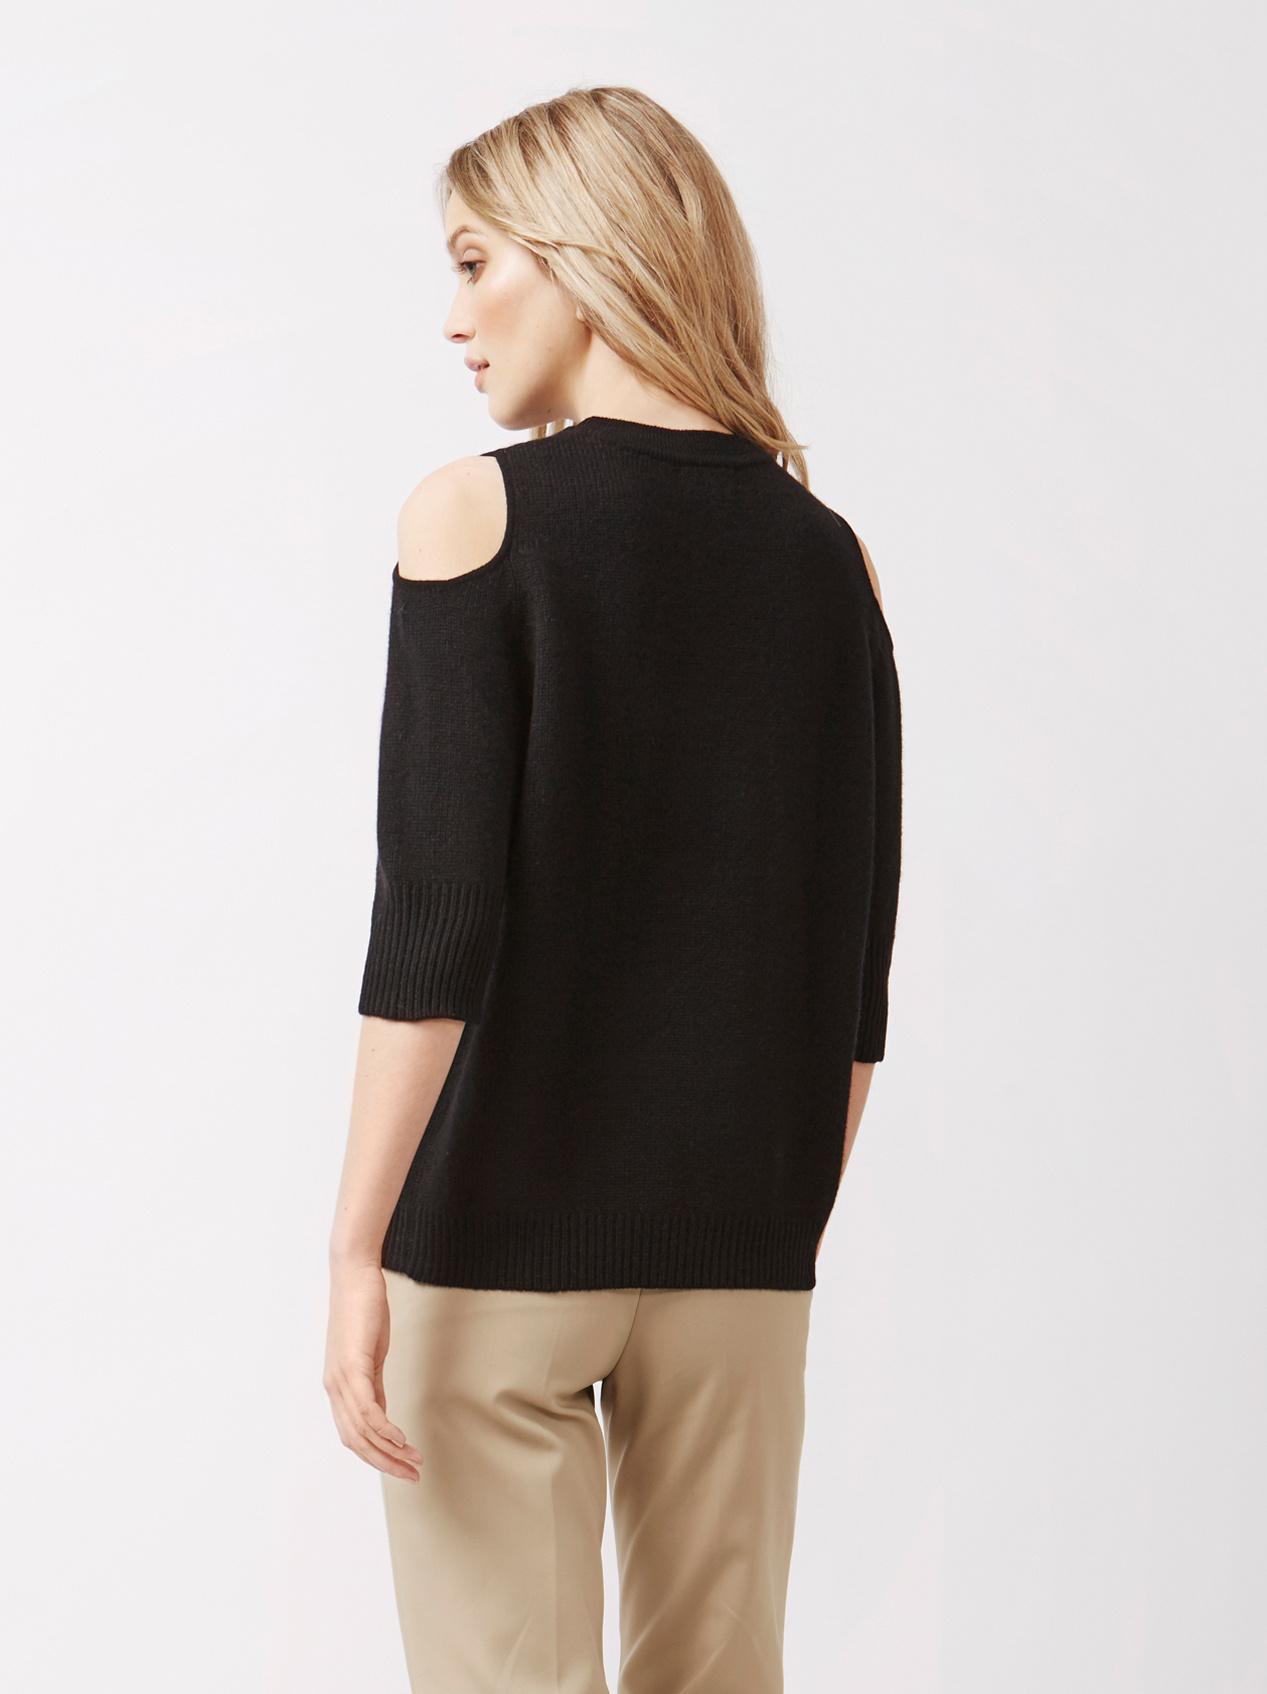 Soft Goat Women's Cold Shoulder Sweater Black